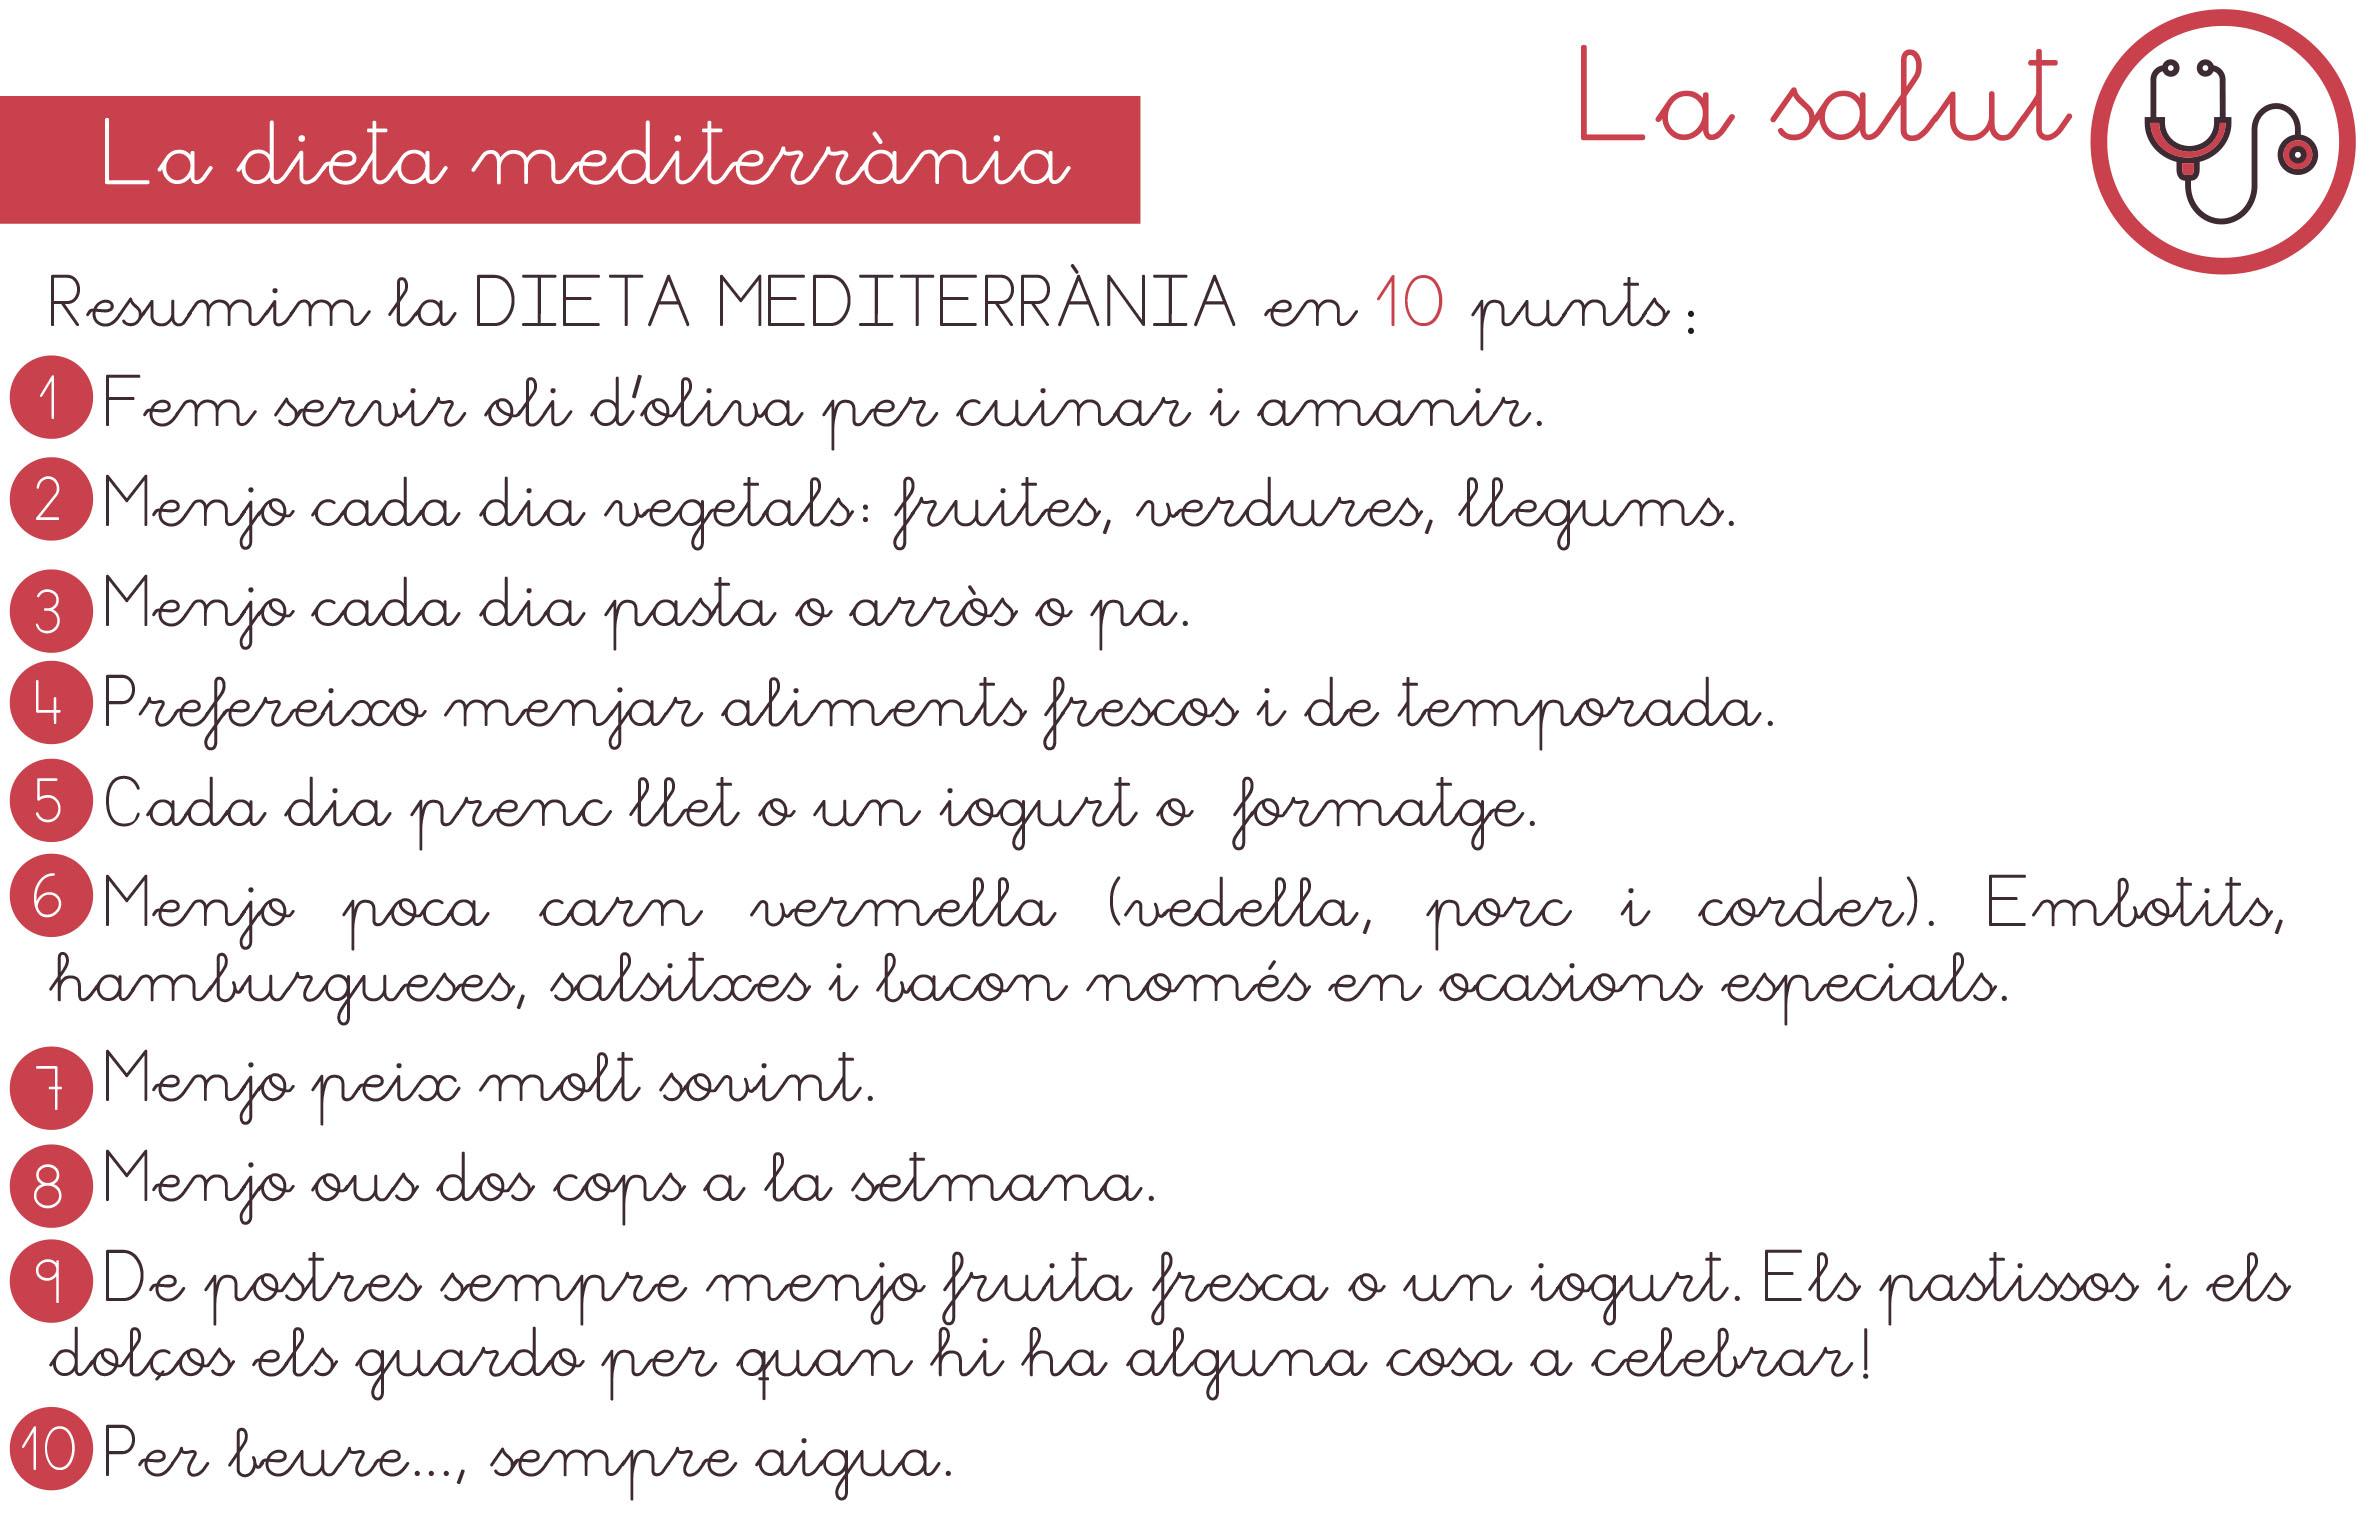 CI-3.1. La dieta mediterrània